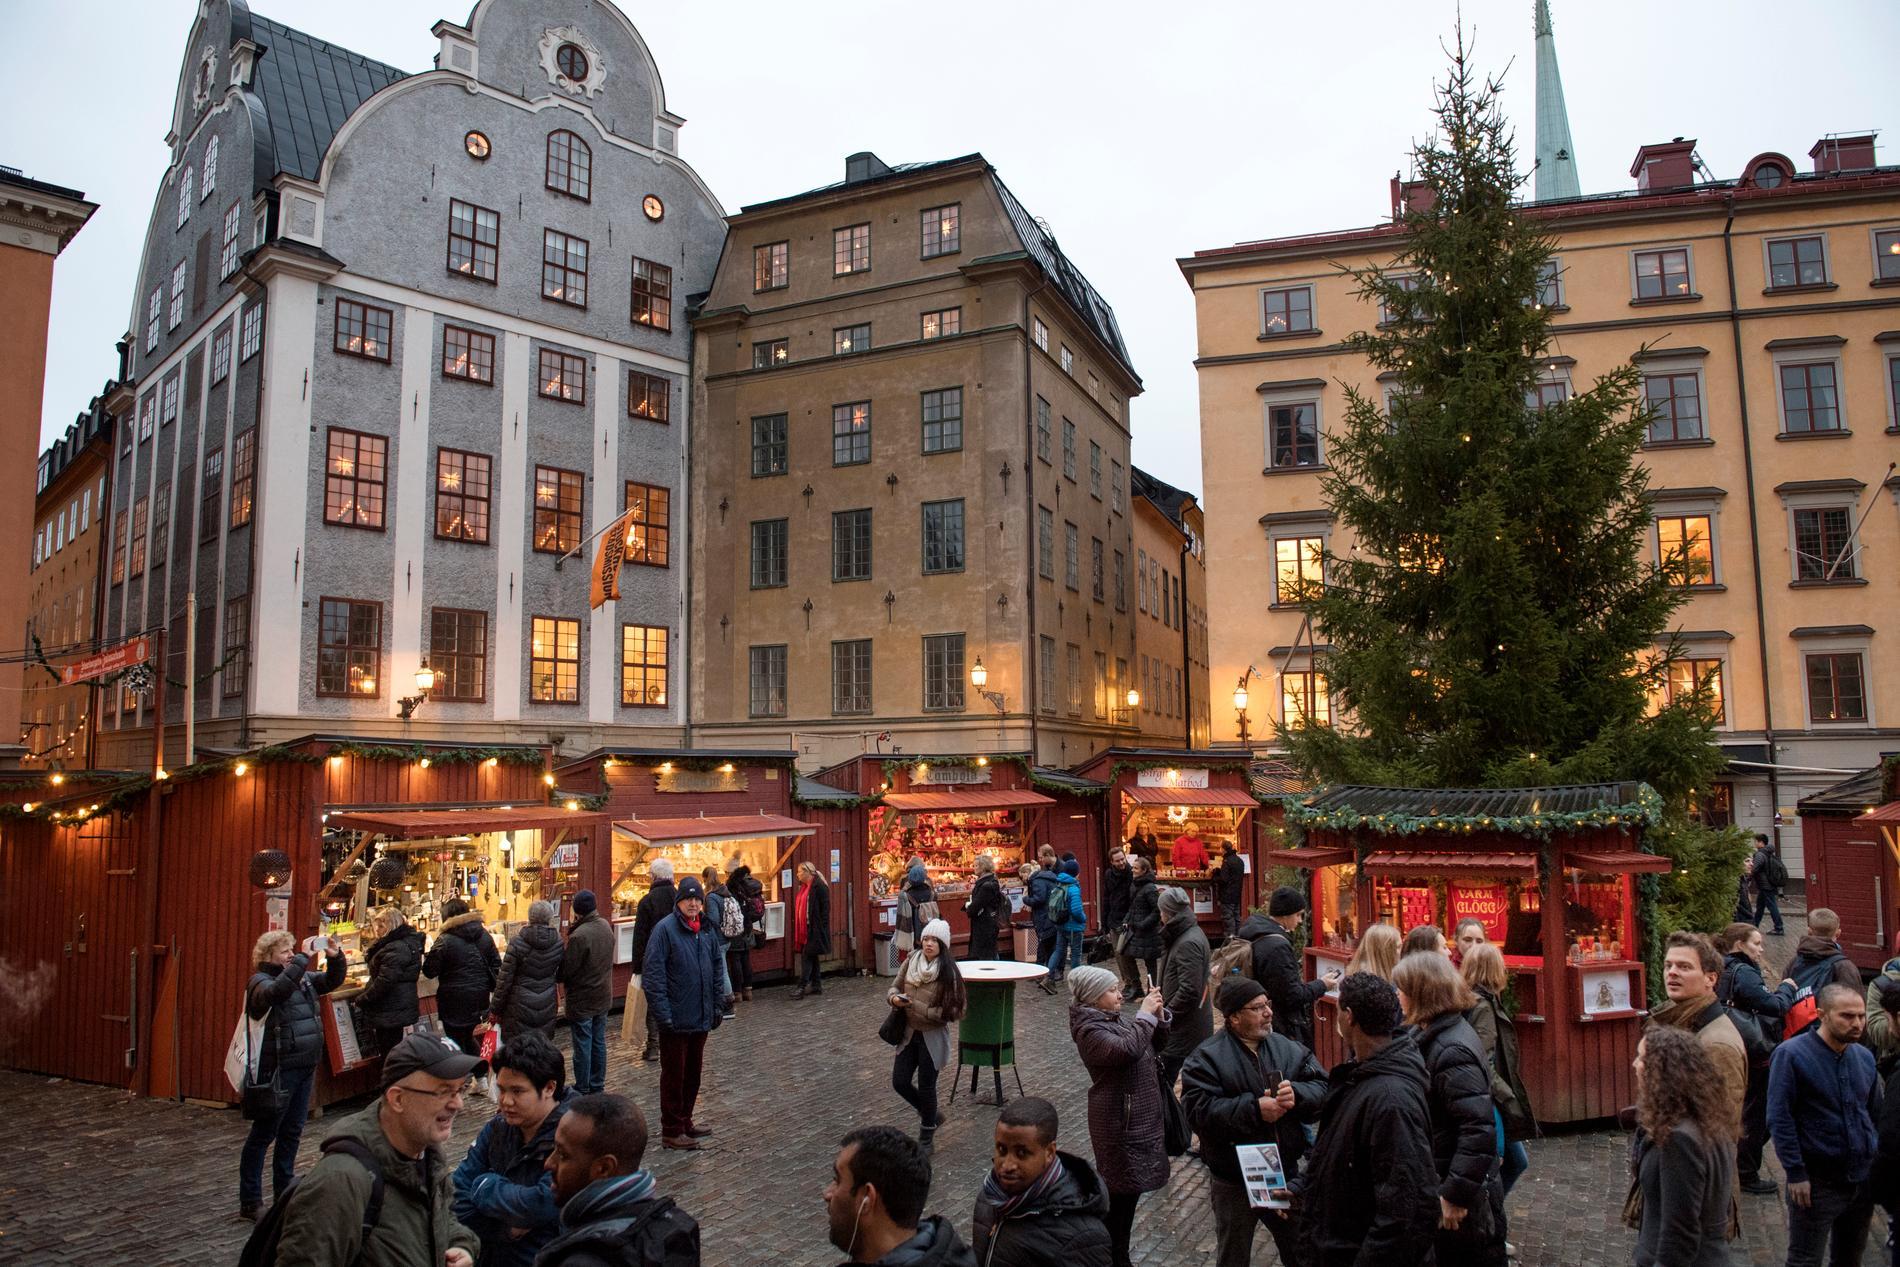 På Stortorget i Gamla stan har en julmarknad anordnats länge.